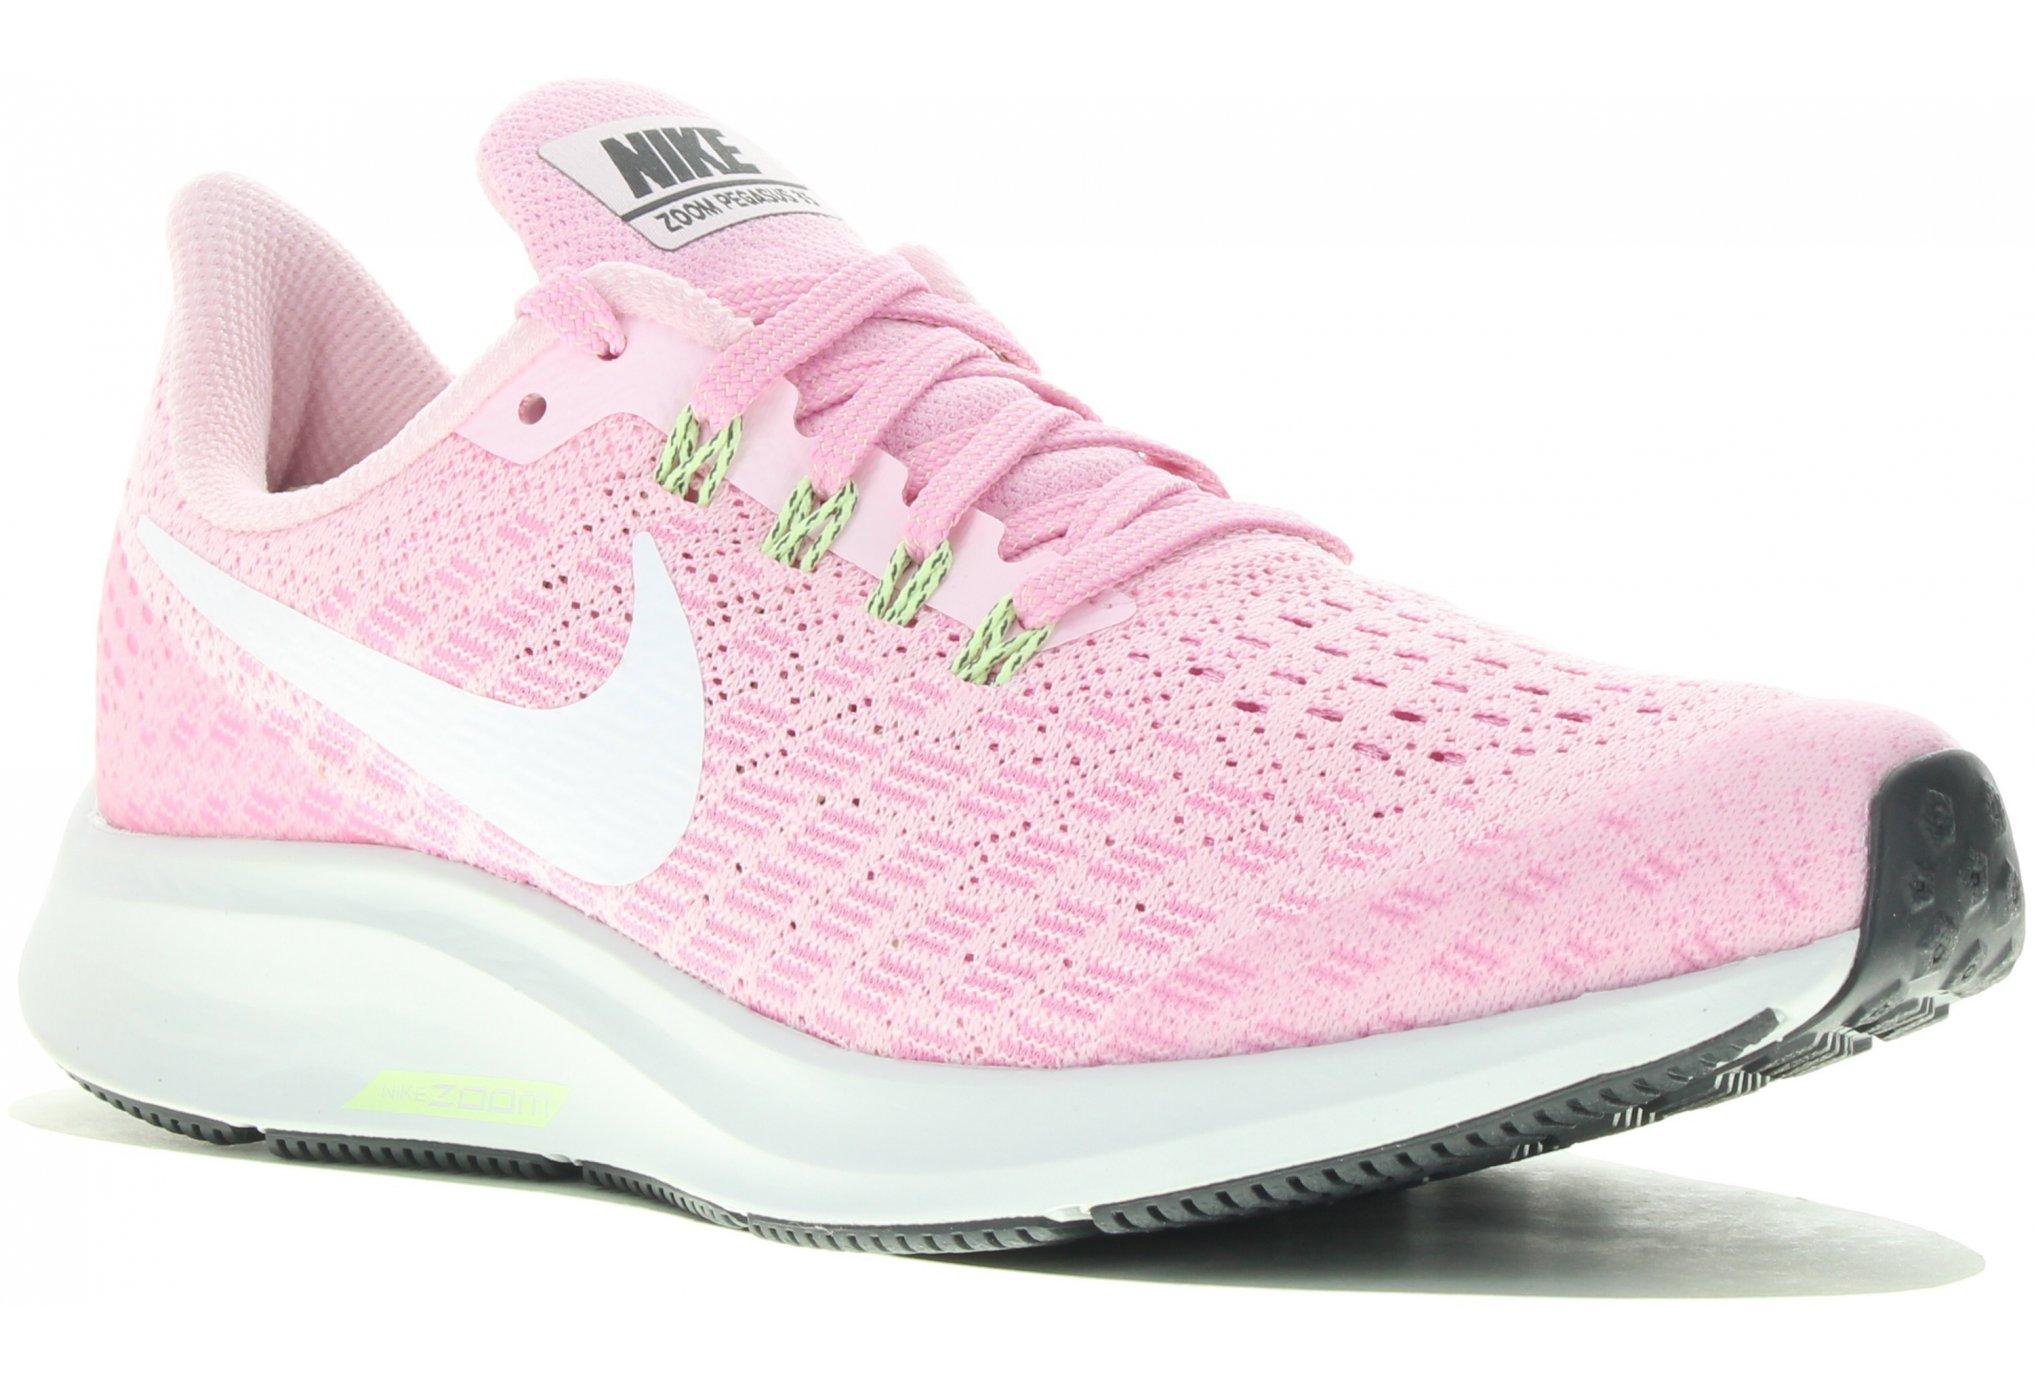 promo code 07f83 be3e5 Nike Vomero 10 W femme Noir pas cher